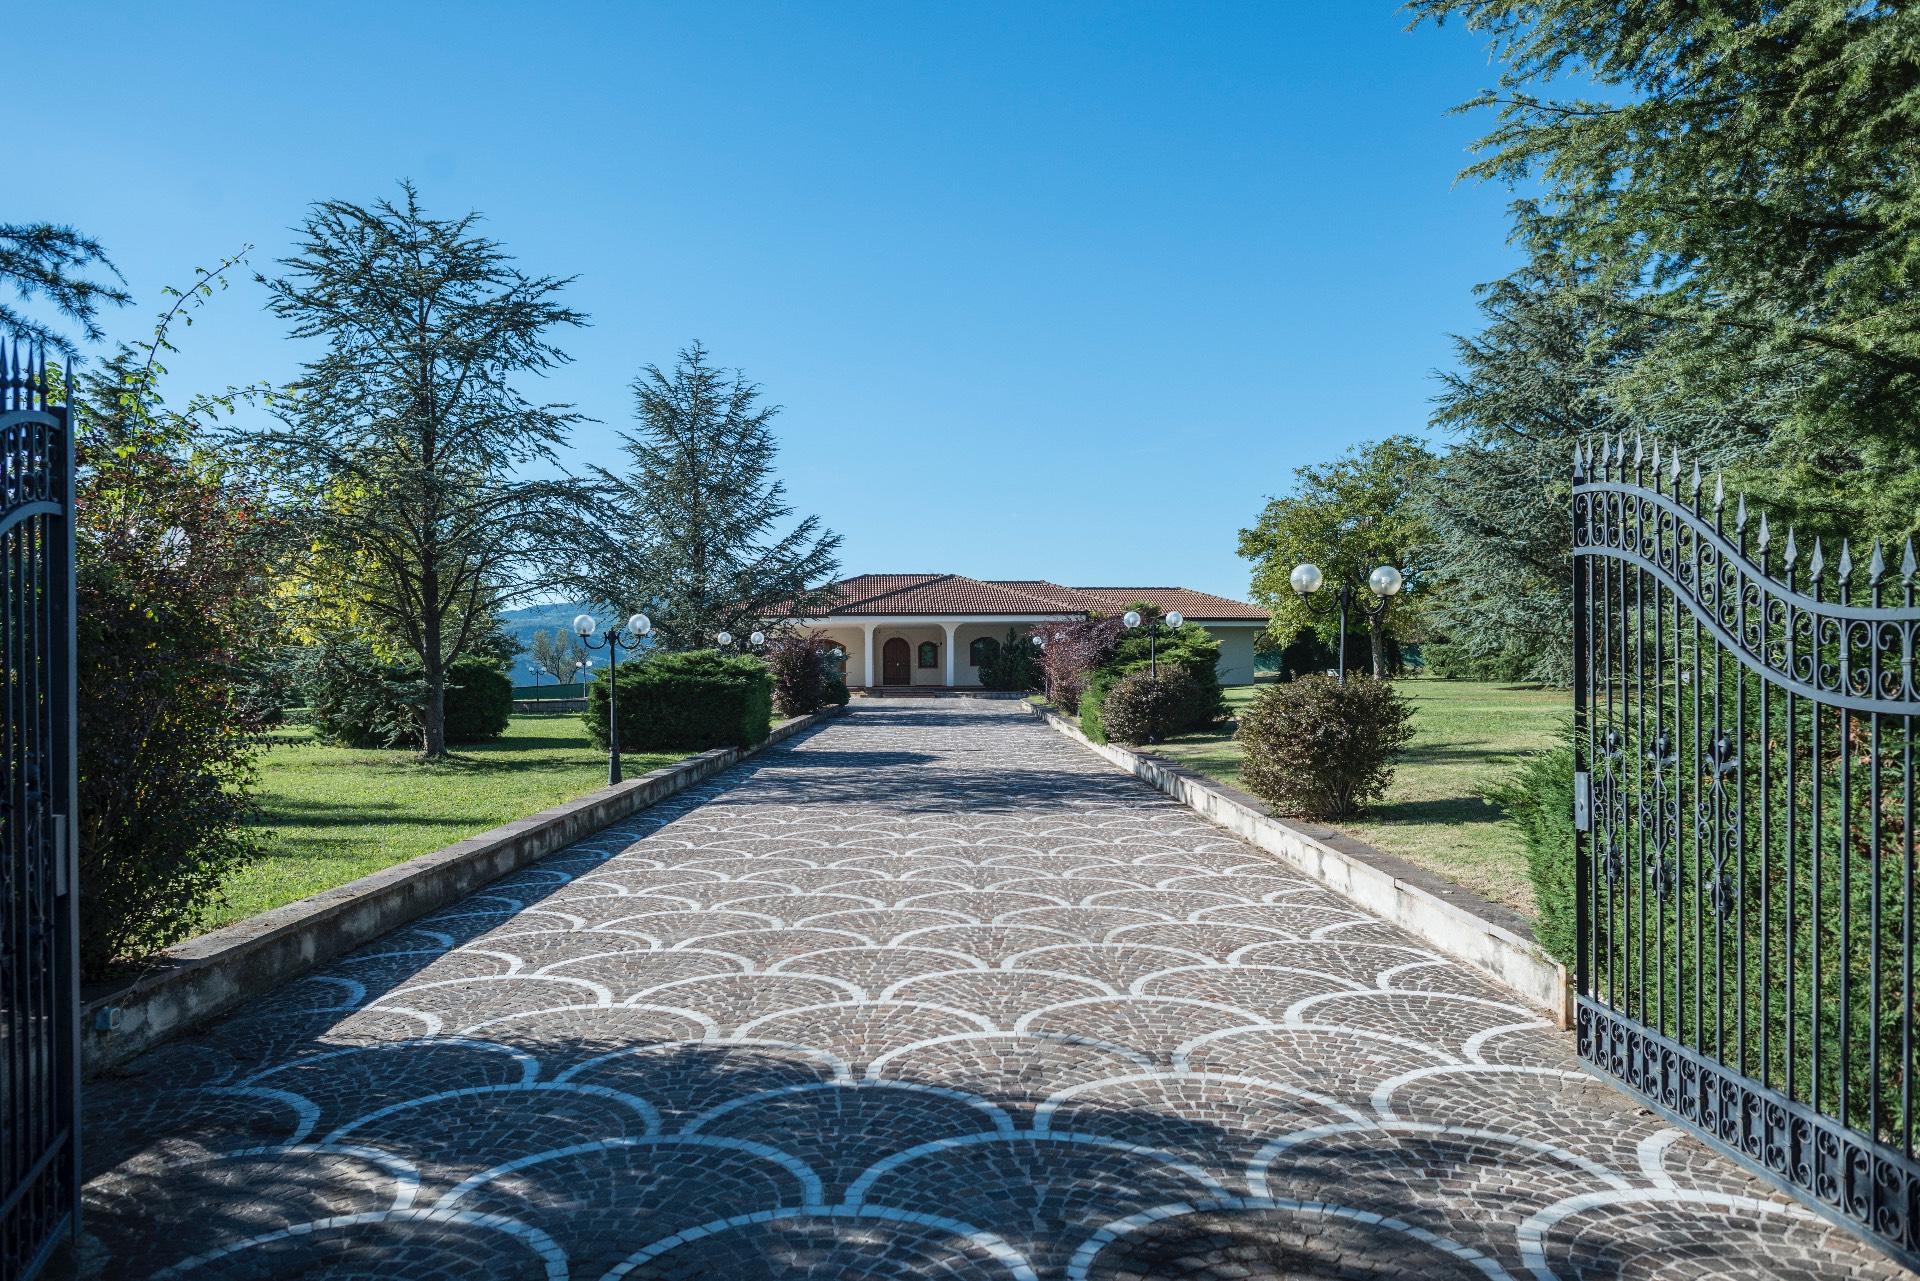 Villa in vendita a Avezzano, 8 locali, zona Zona: Antrosano, prezzo € 790.000 | CambioCasa.it